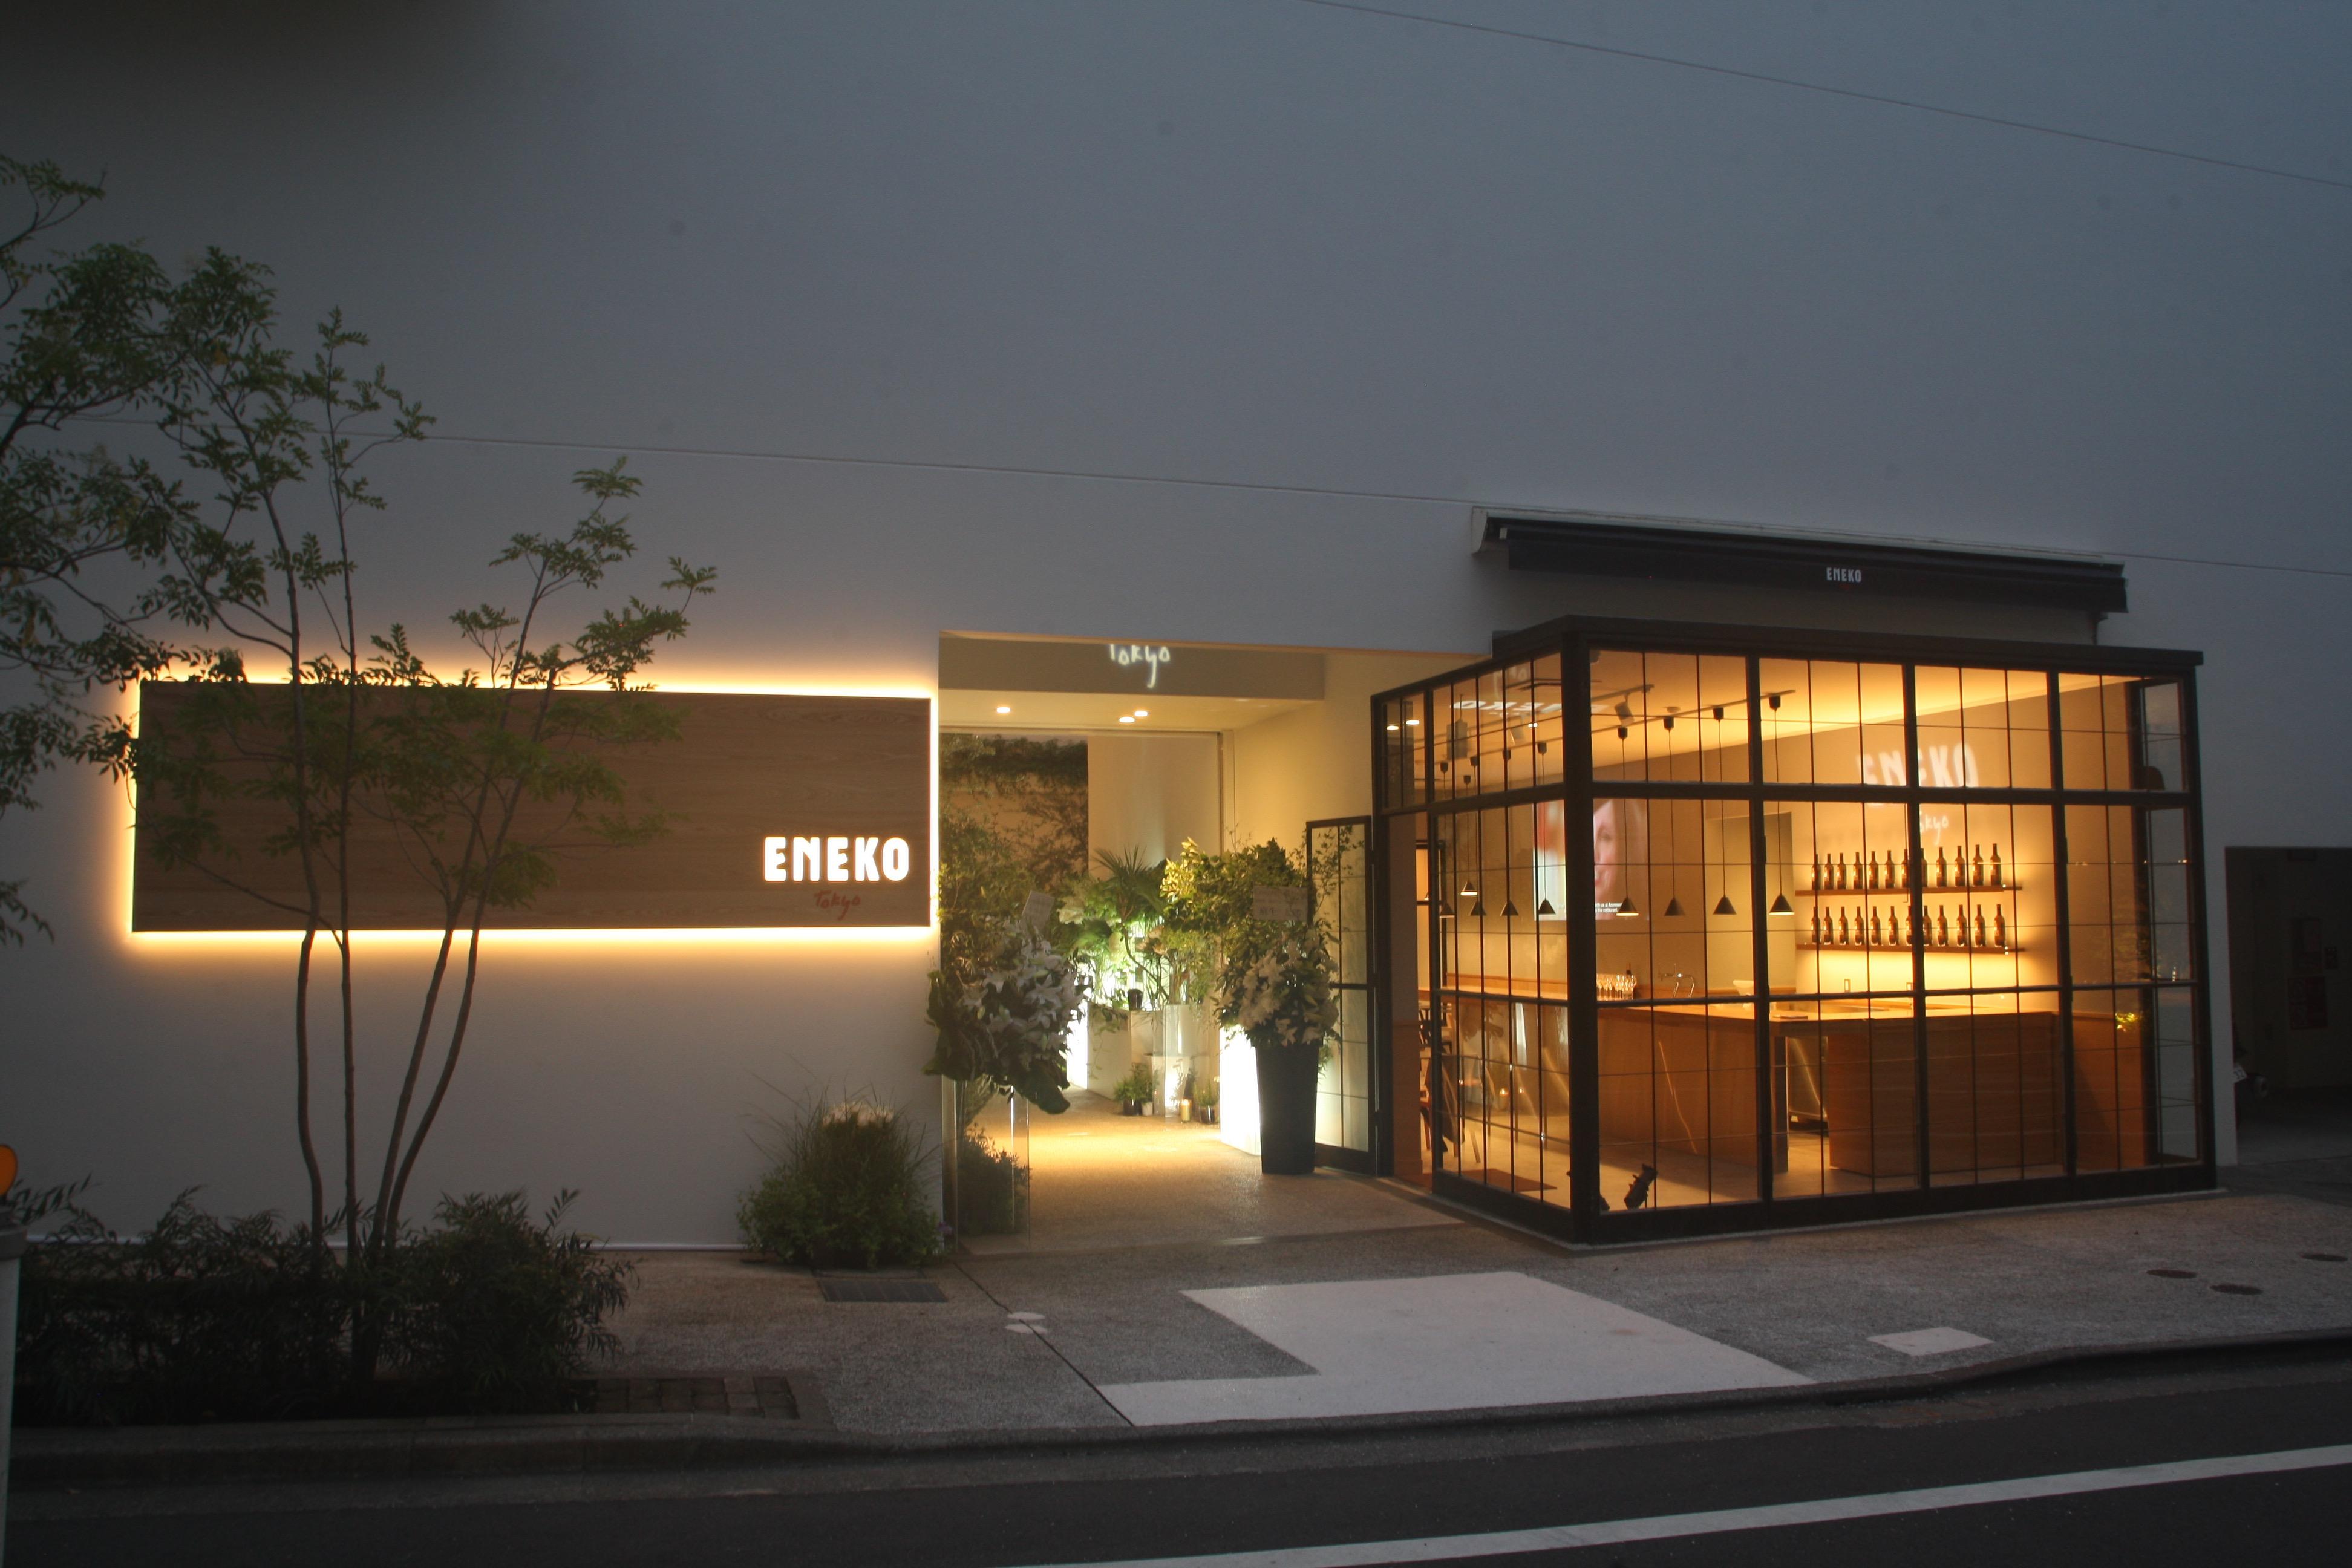 Edificio del nuevo restaurante en Tokio de Eneko Atxa.